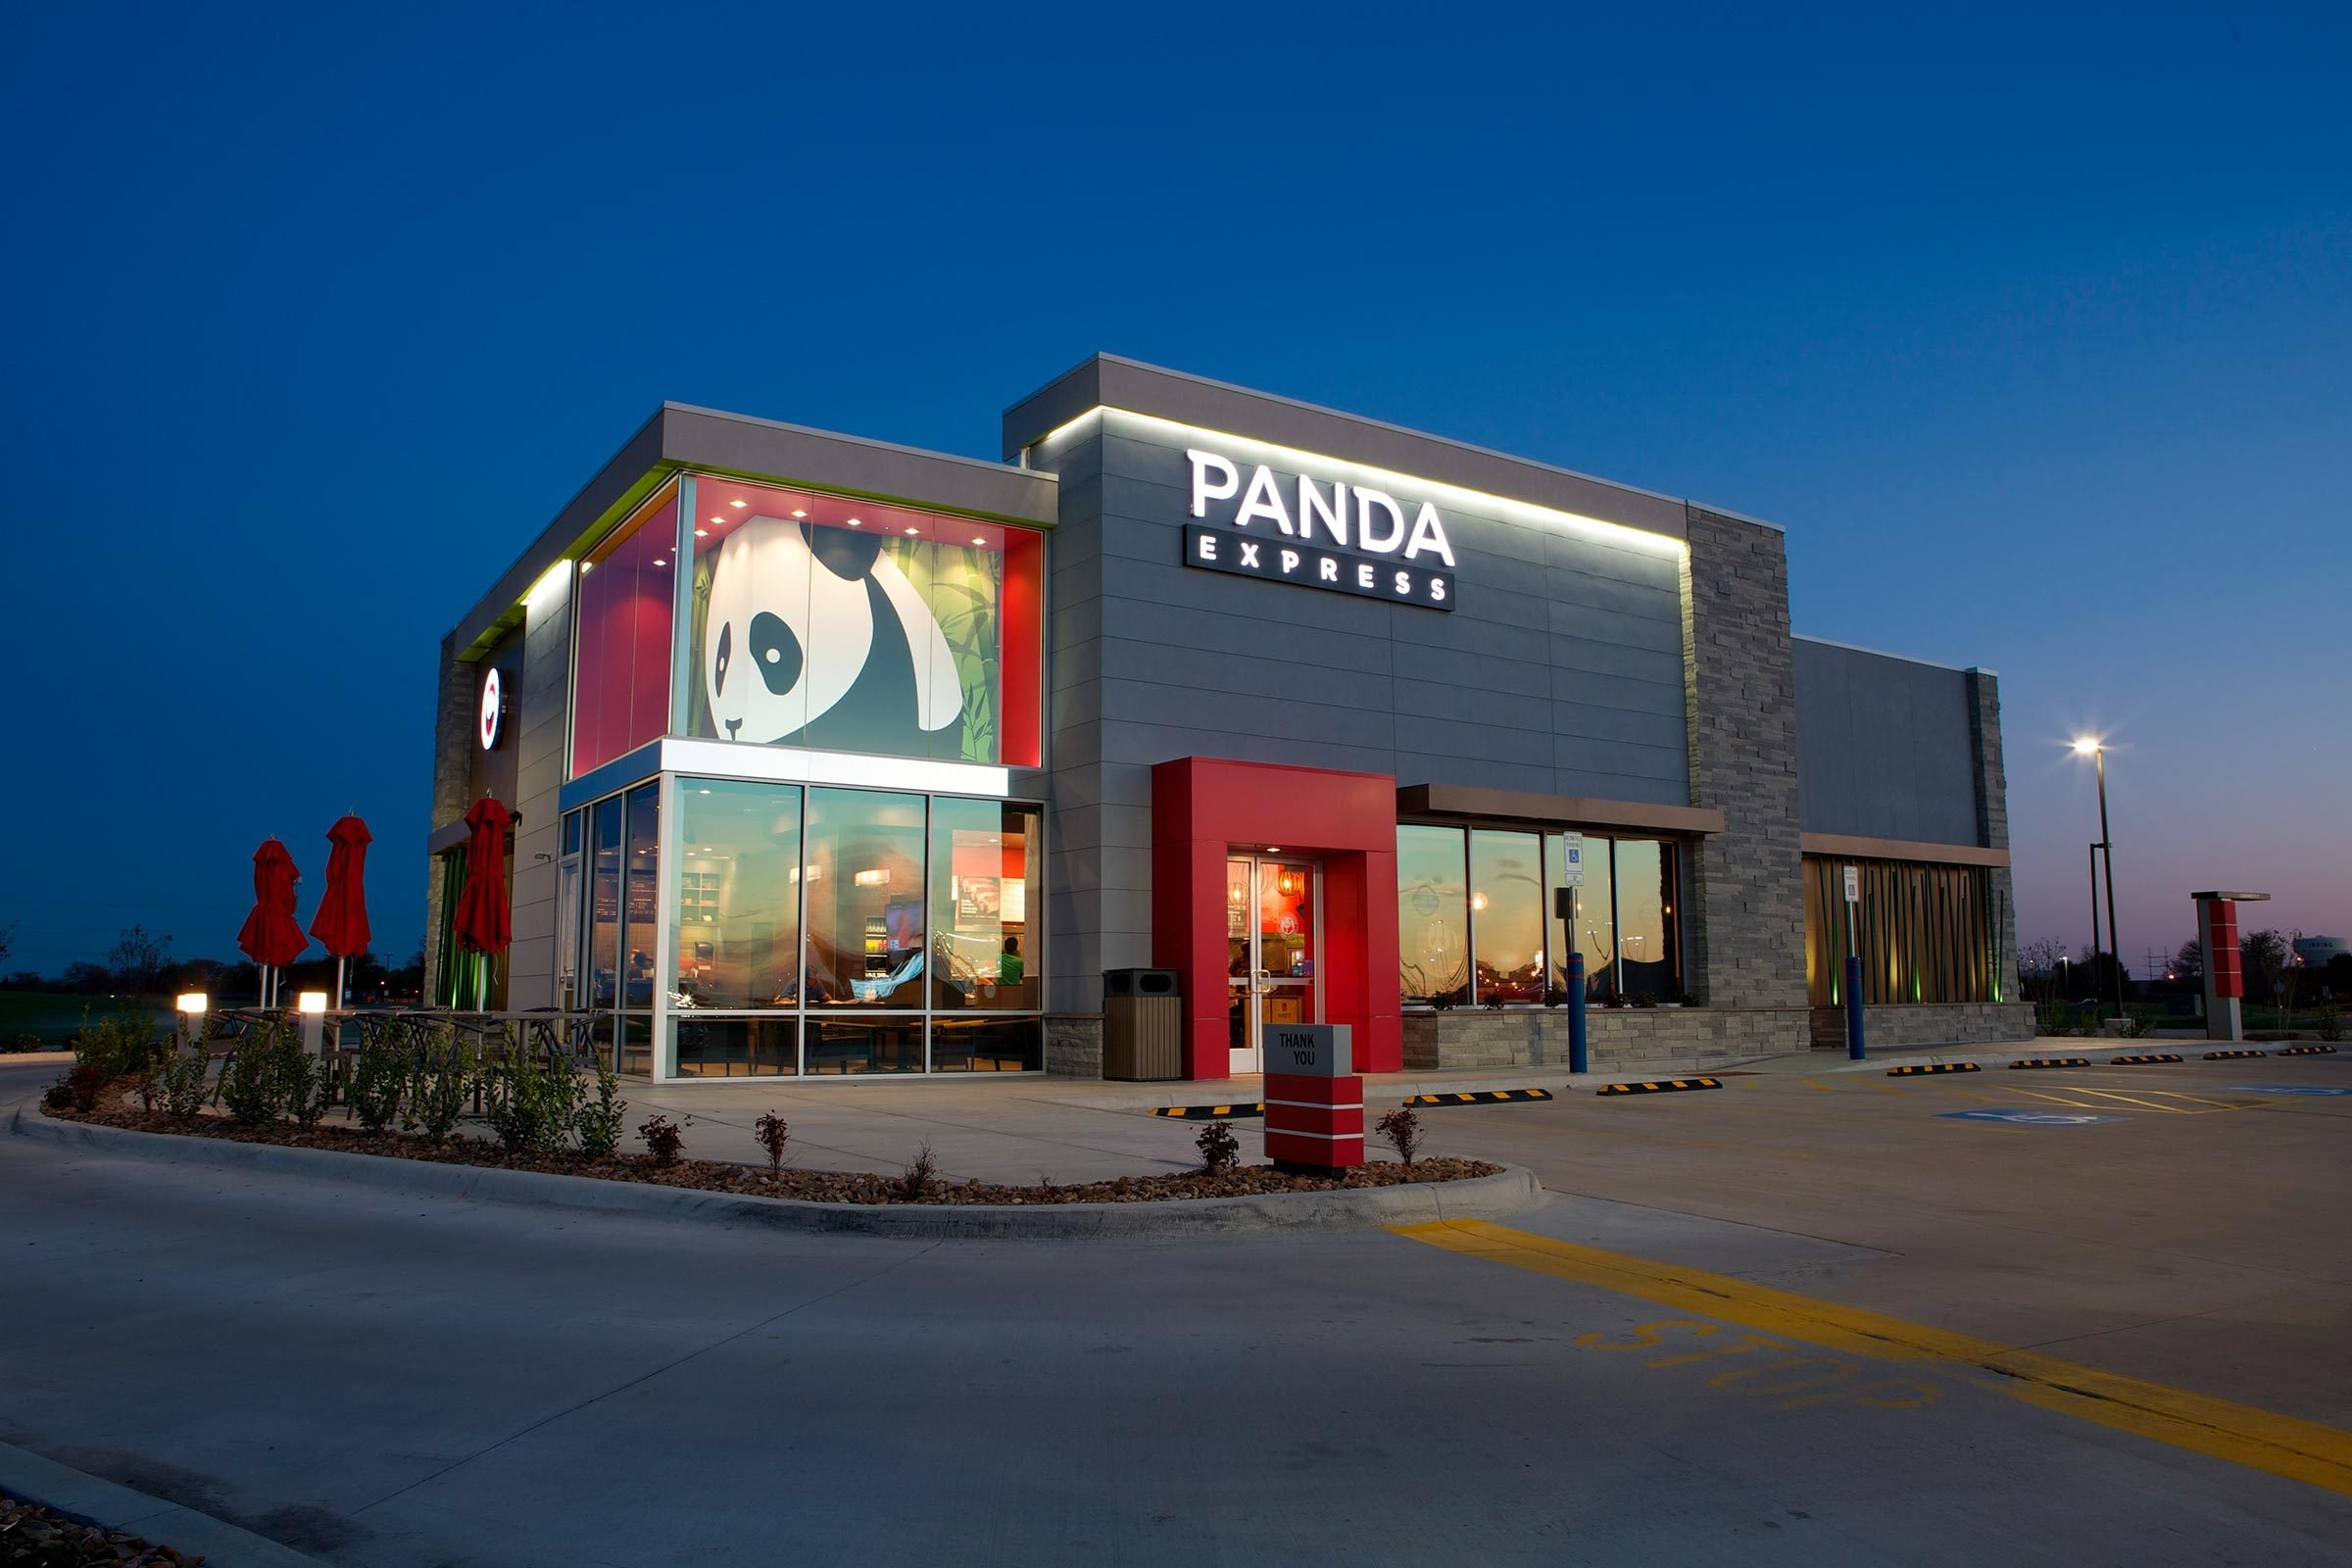 Panda Express Exterior